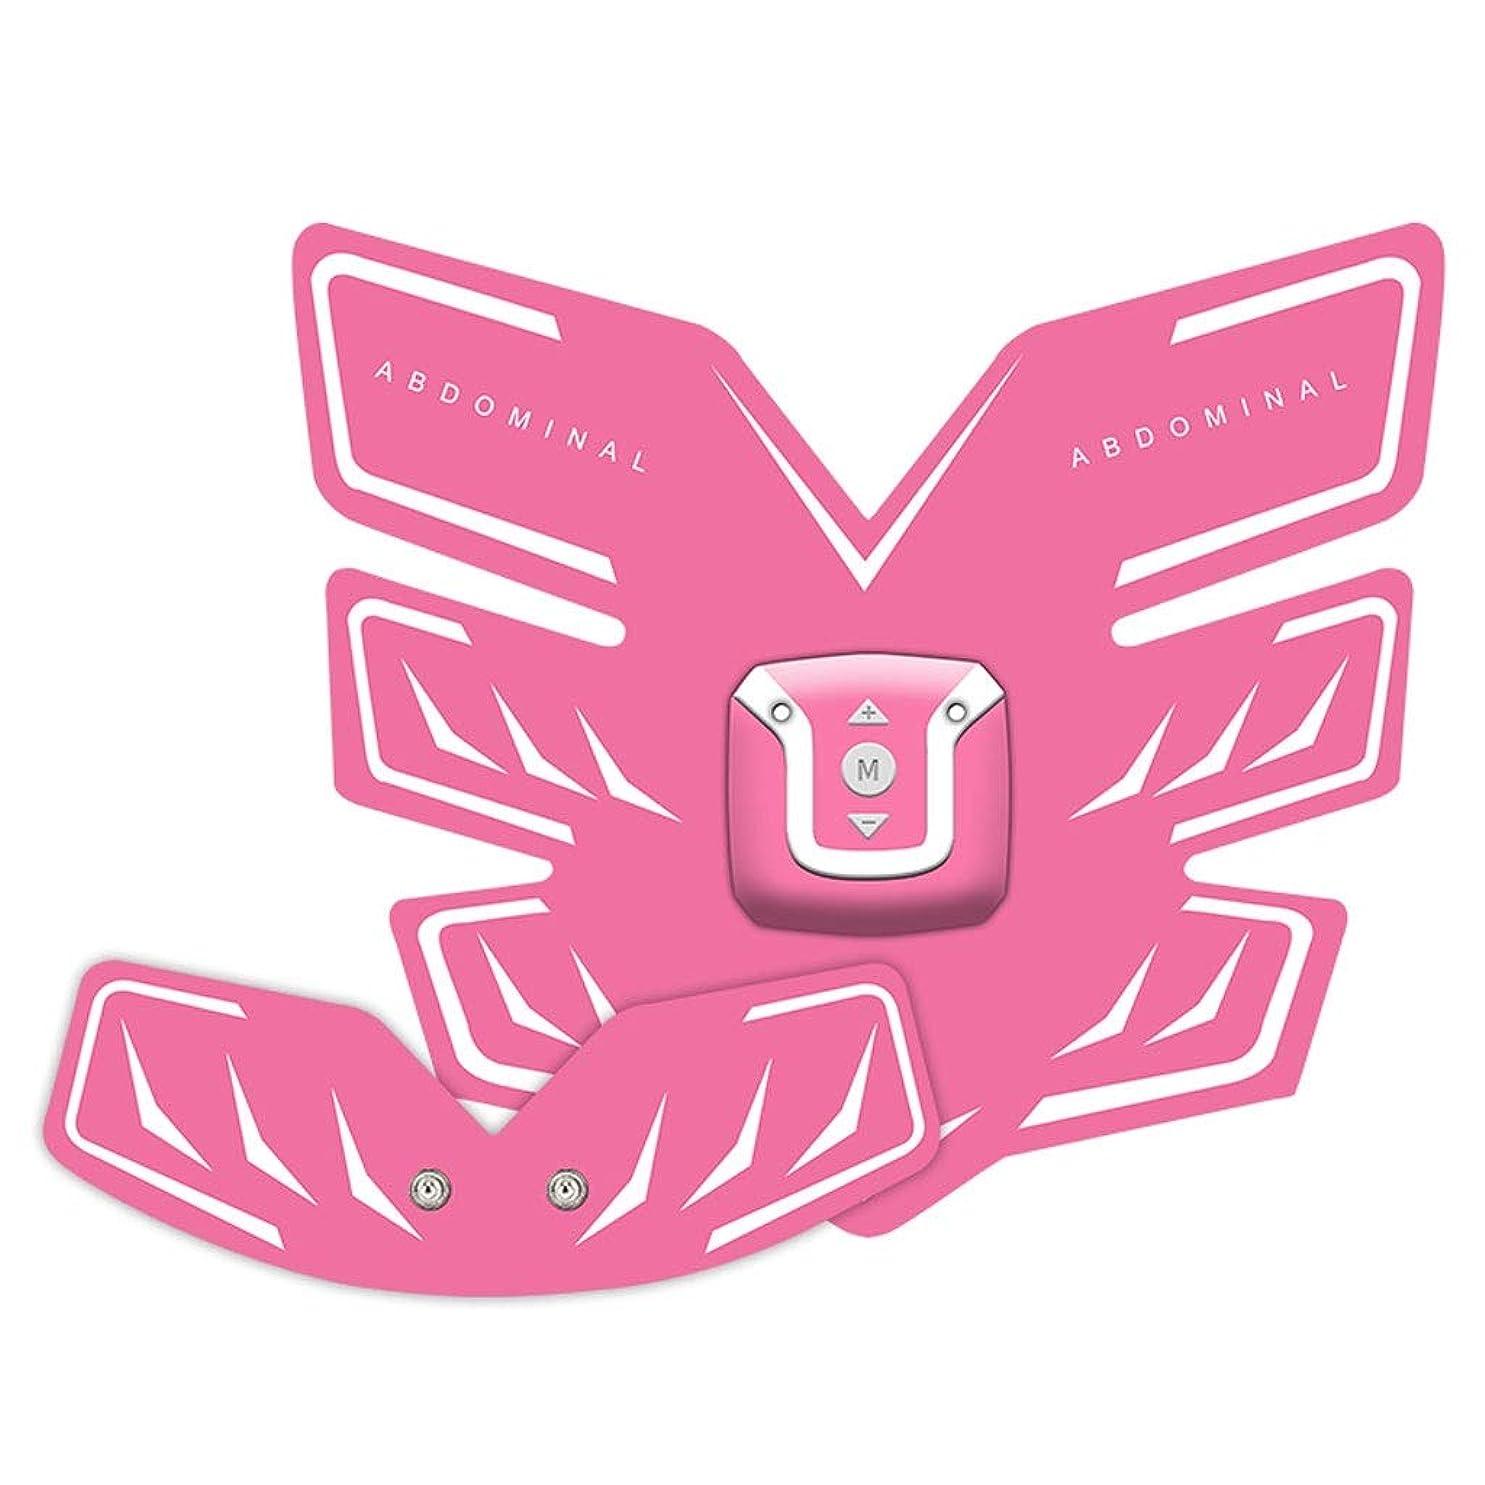 Usb充電筋肉トナー腹筋absシミュレータ腹部トレーニングワイヤレスemsトレーニングホームオフィス用腹部腕脚トレーニングホームオフィスエクササイズ (Color : Pink, Size : A+B)